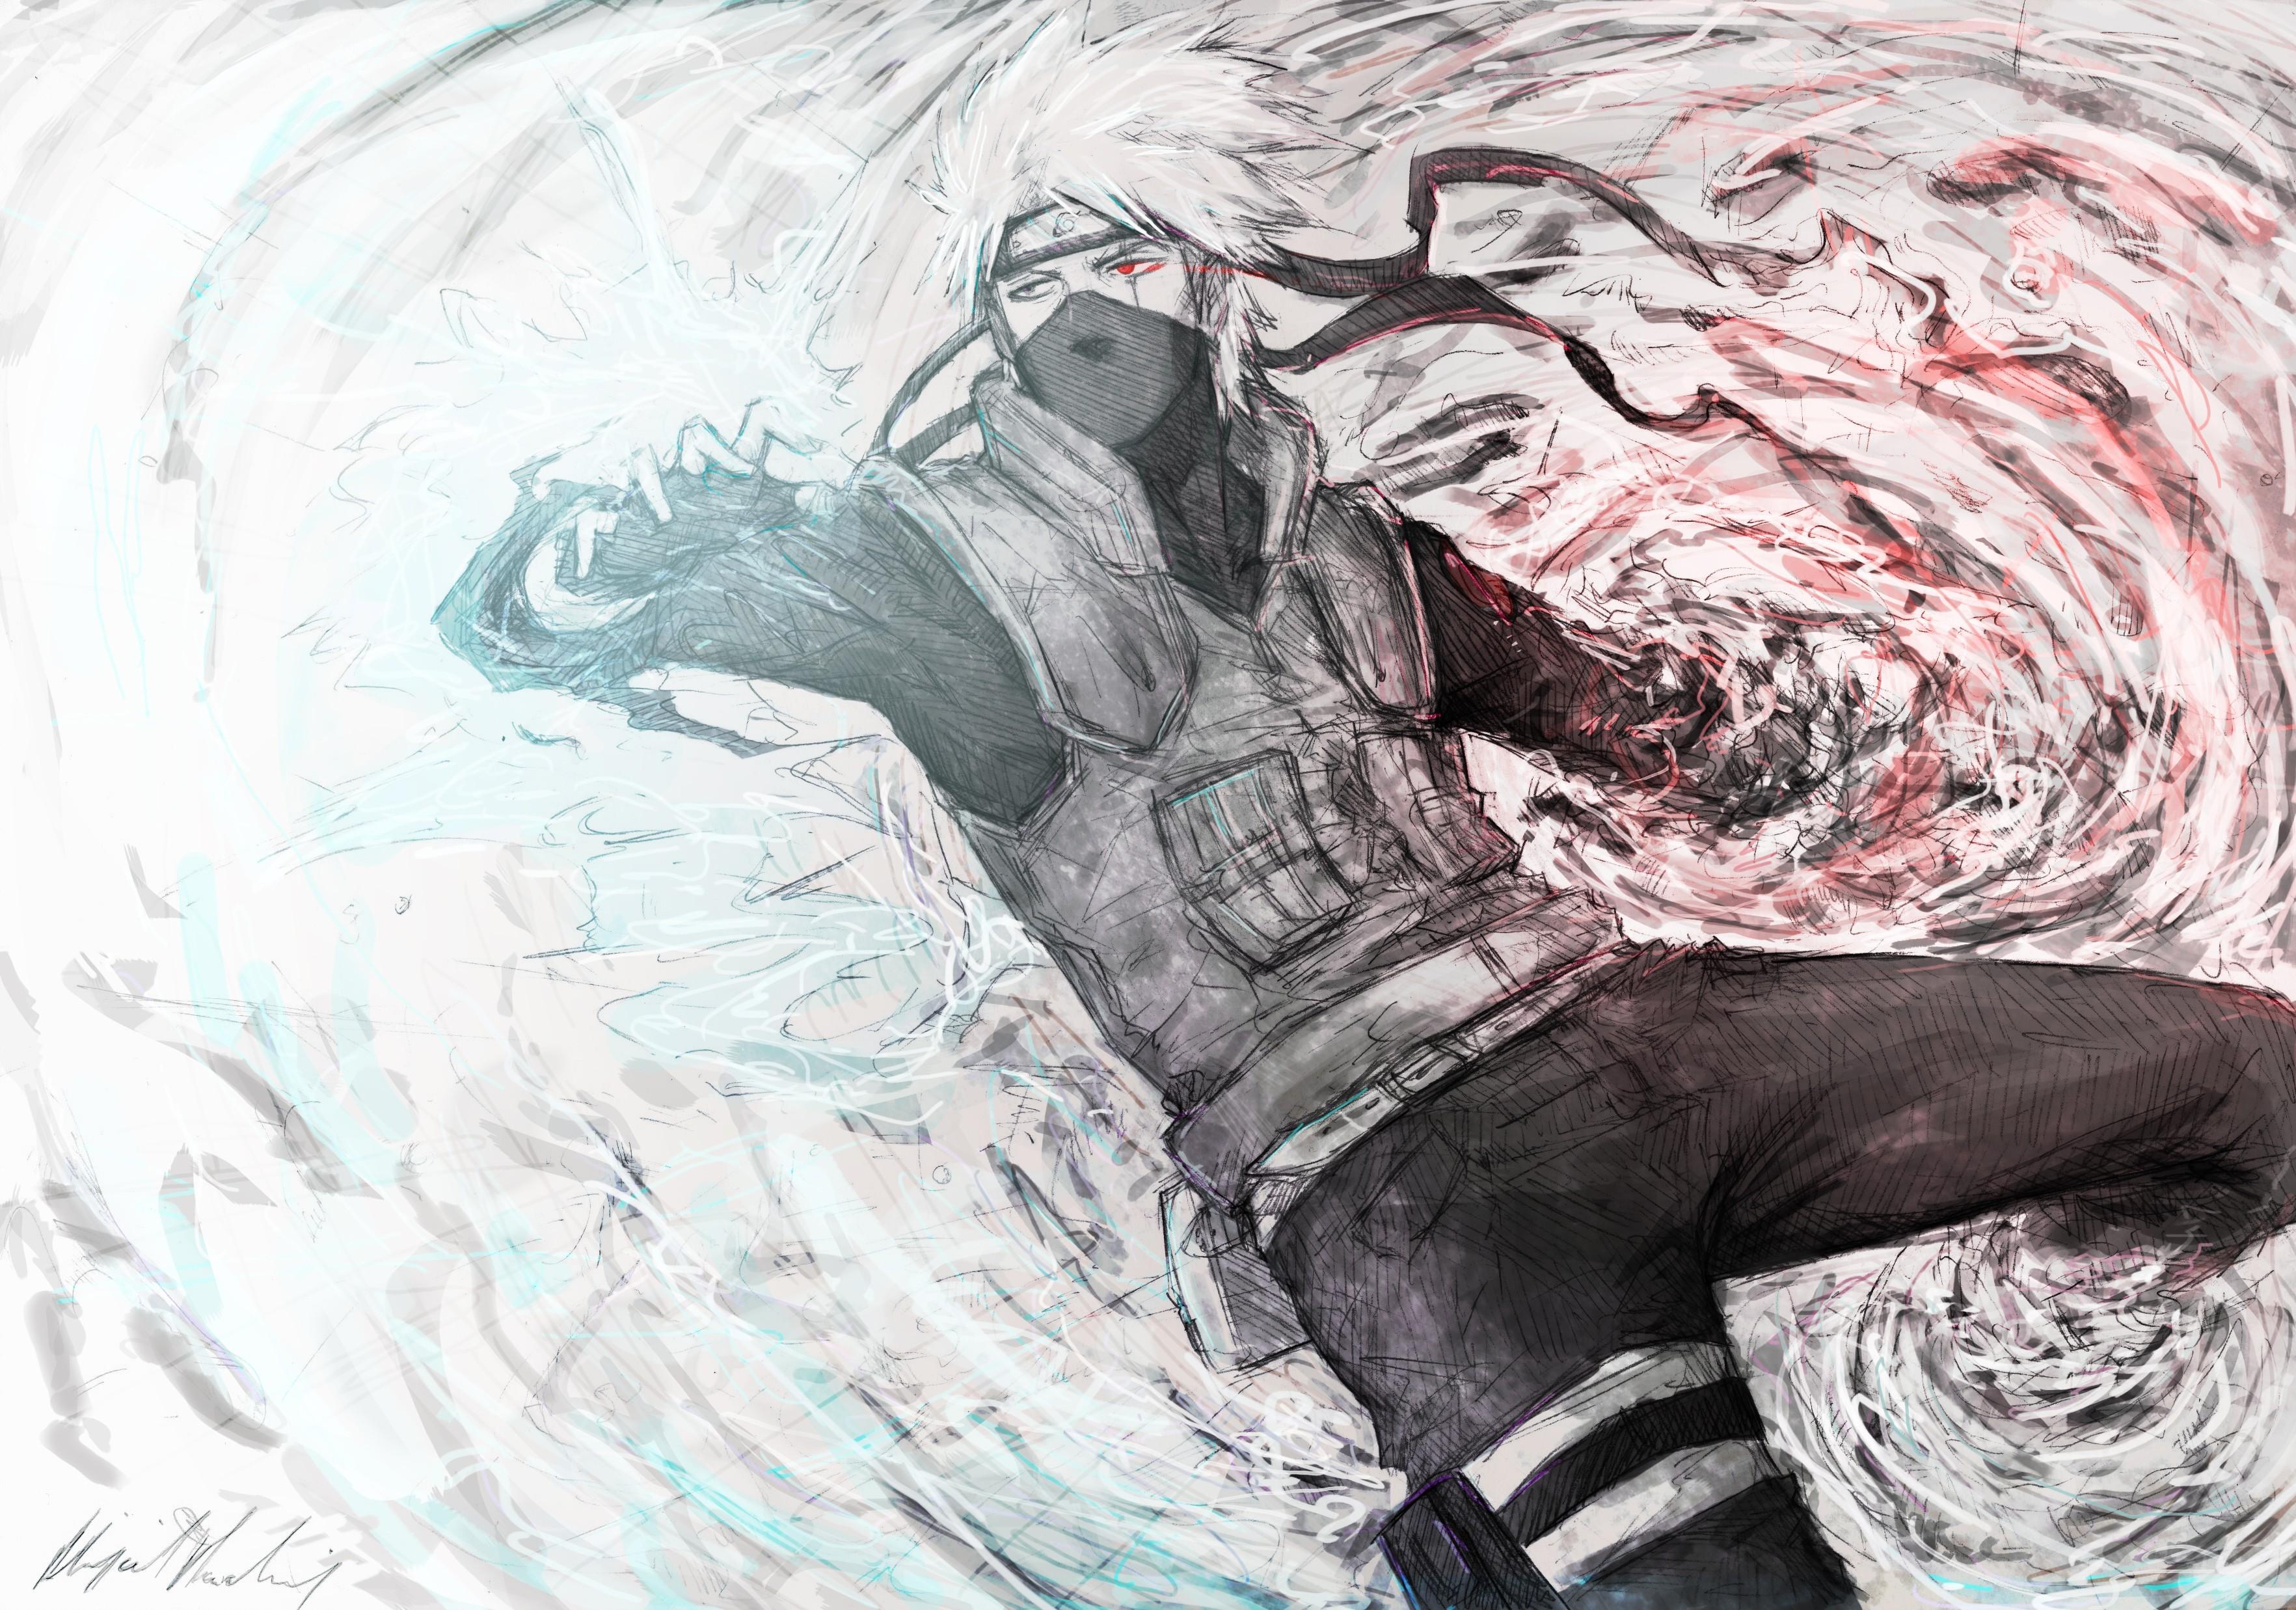 Bản vẽ hình minh họa Hatake Kakashi Naruto Shippuuden R1 Phác hoạ cơ thể con người